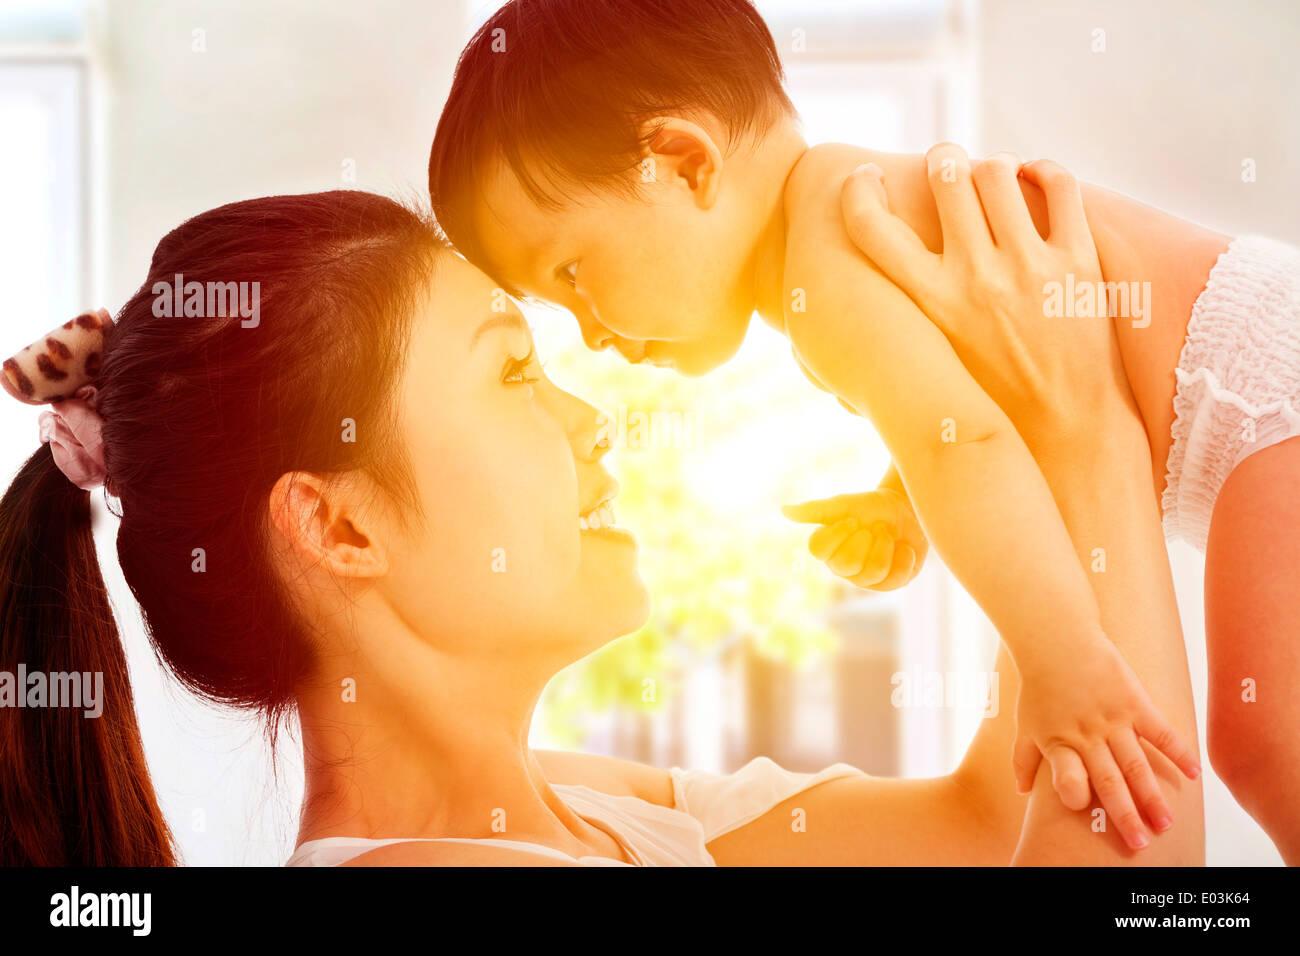 Glückliche Mutter Holding entzückenden Kind Baby mit Sonnenaufgang Hintergrund Stockbild